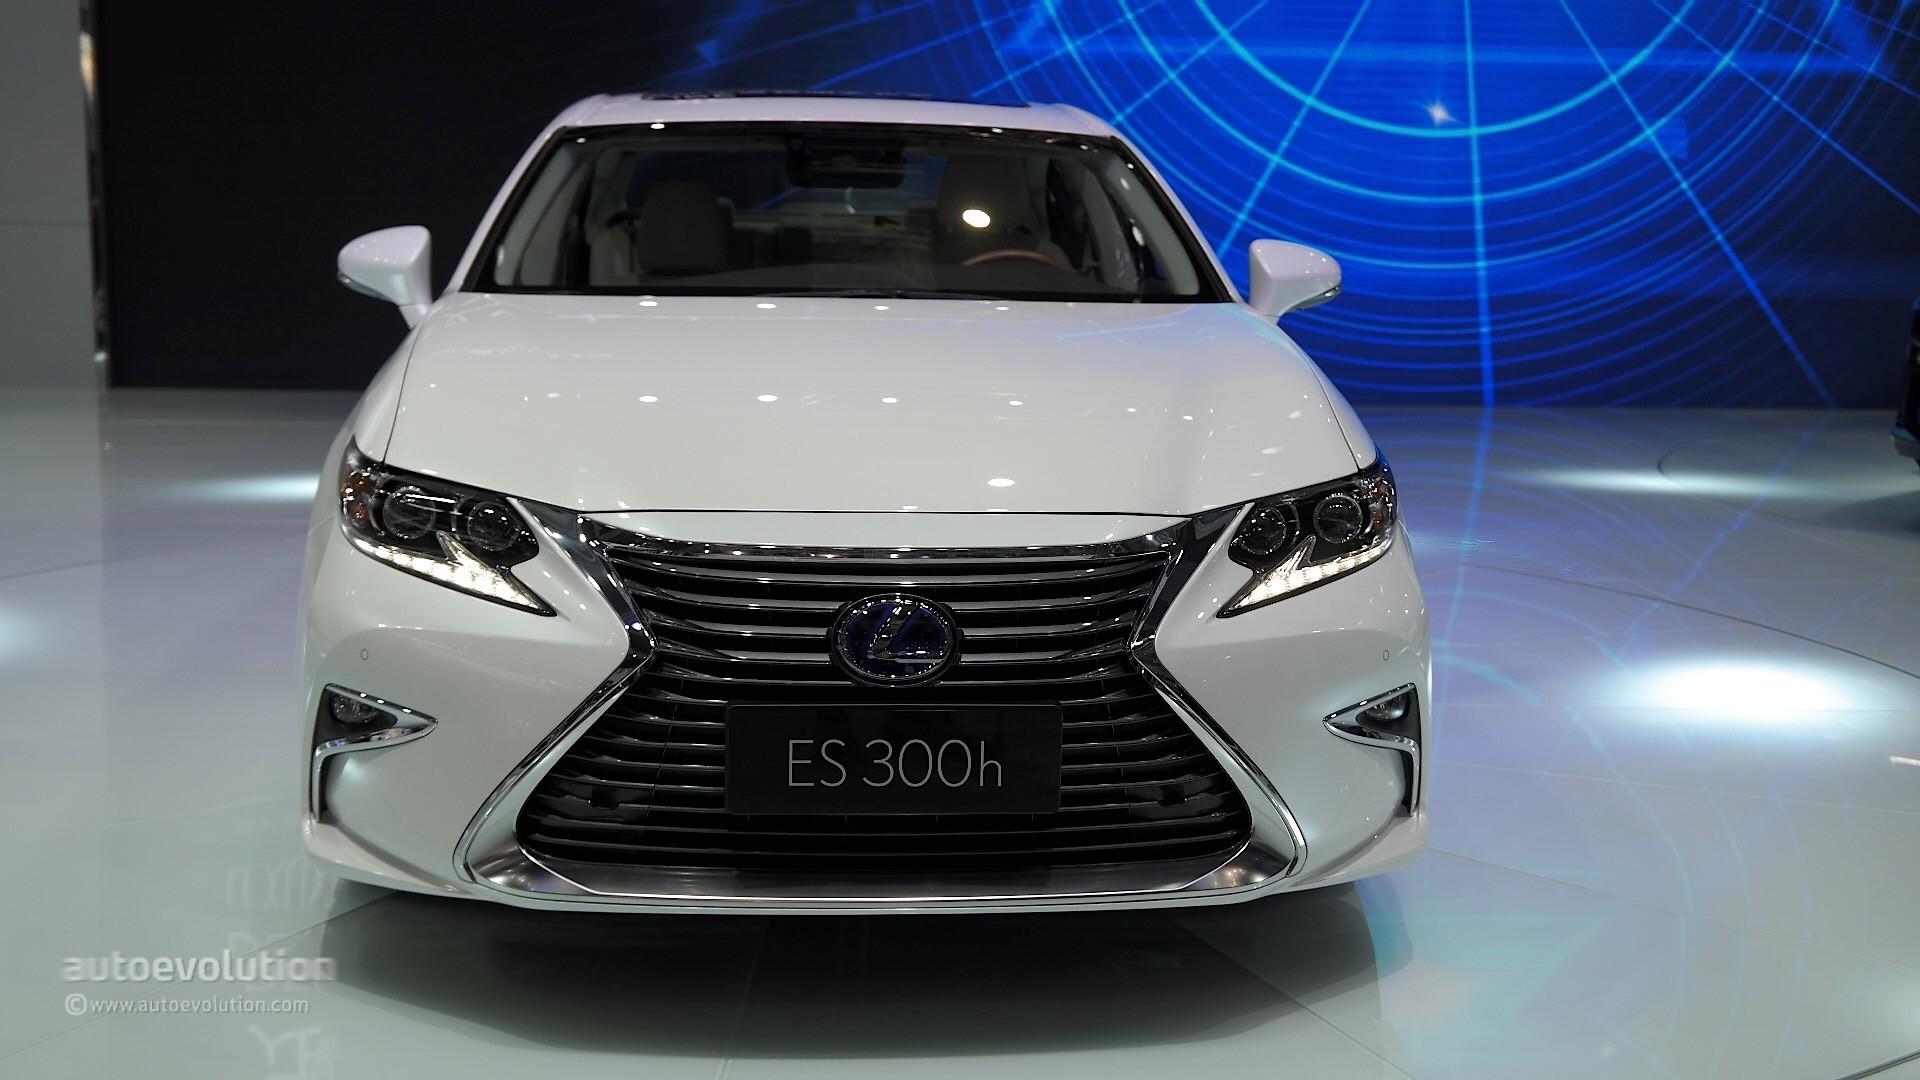 Luxury Car Pictures Wallpaper 2016 Lexus Es Facelift Is Full Of Self Esteem At Auto